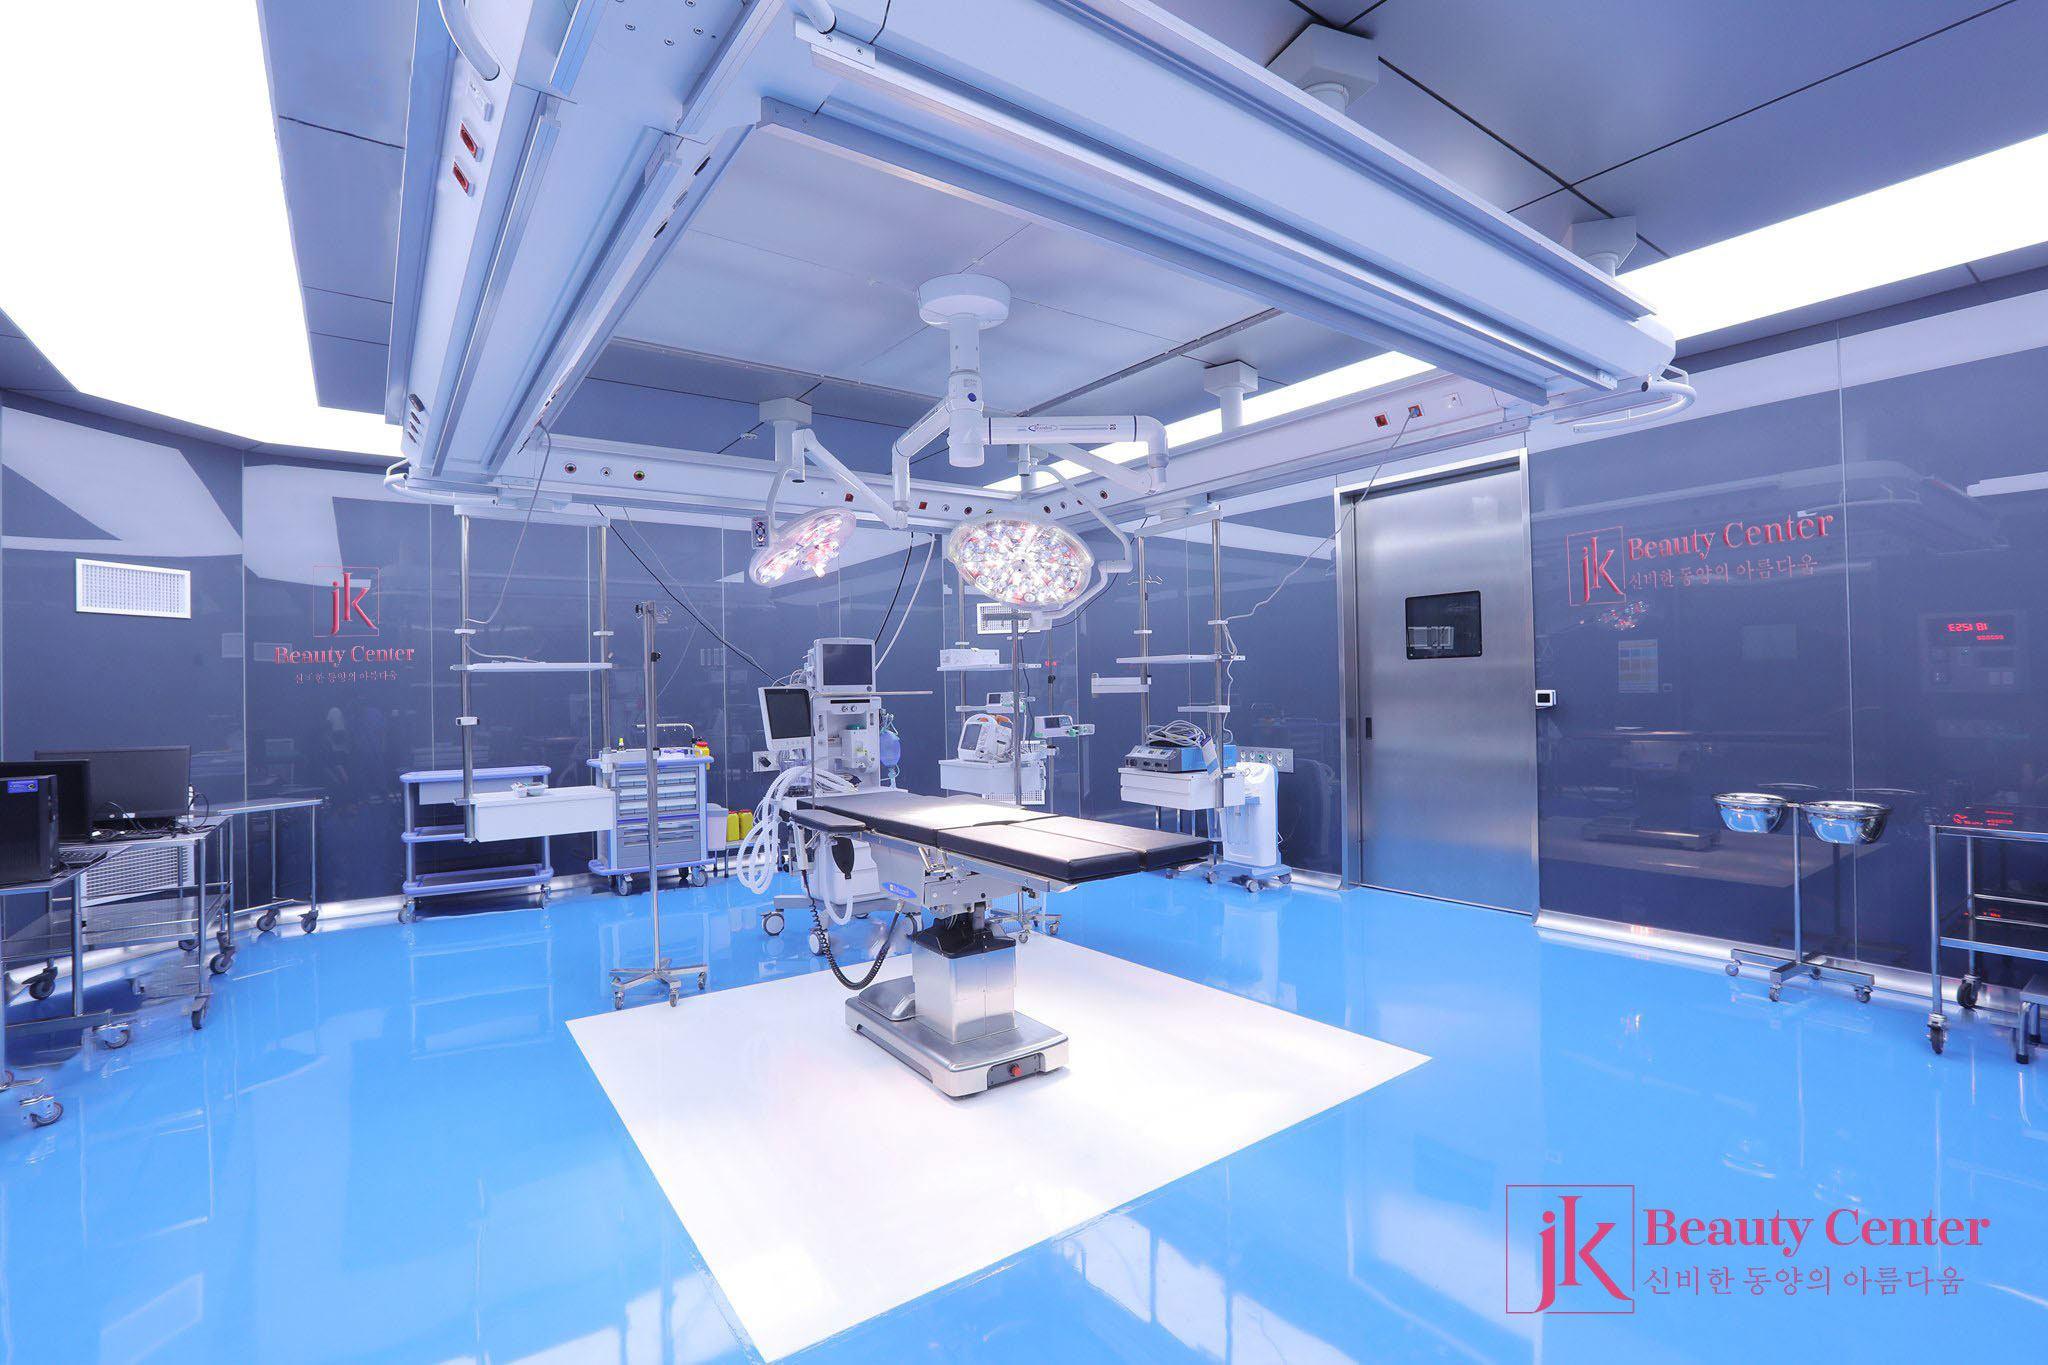 Máy móc hiện đại - thiết bị tiên tiến bậc nhất tại JK